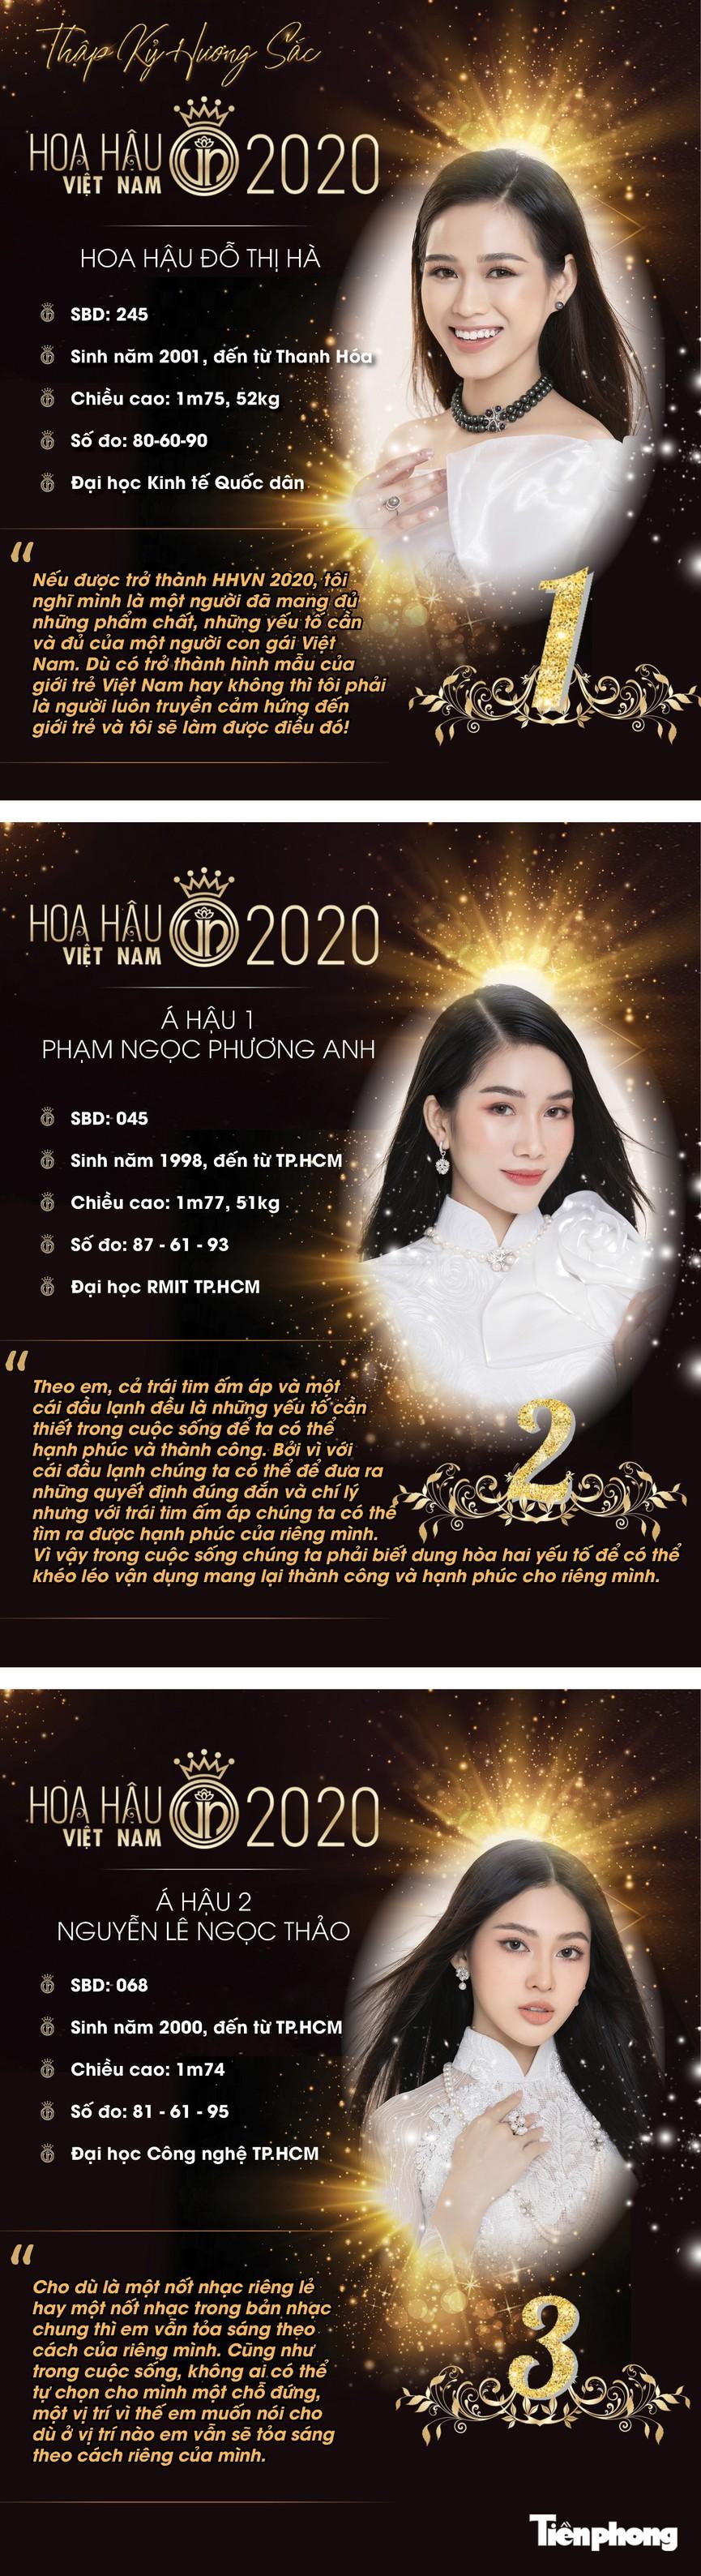 Chân dung Top 3 Hoa hậu Việt Nam 2020  - ảnh 1